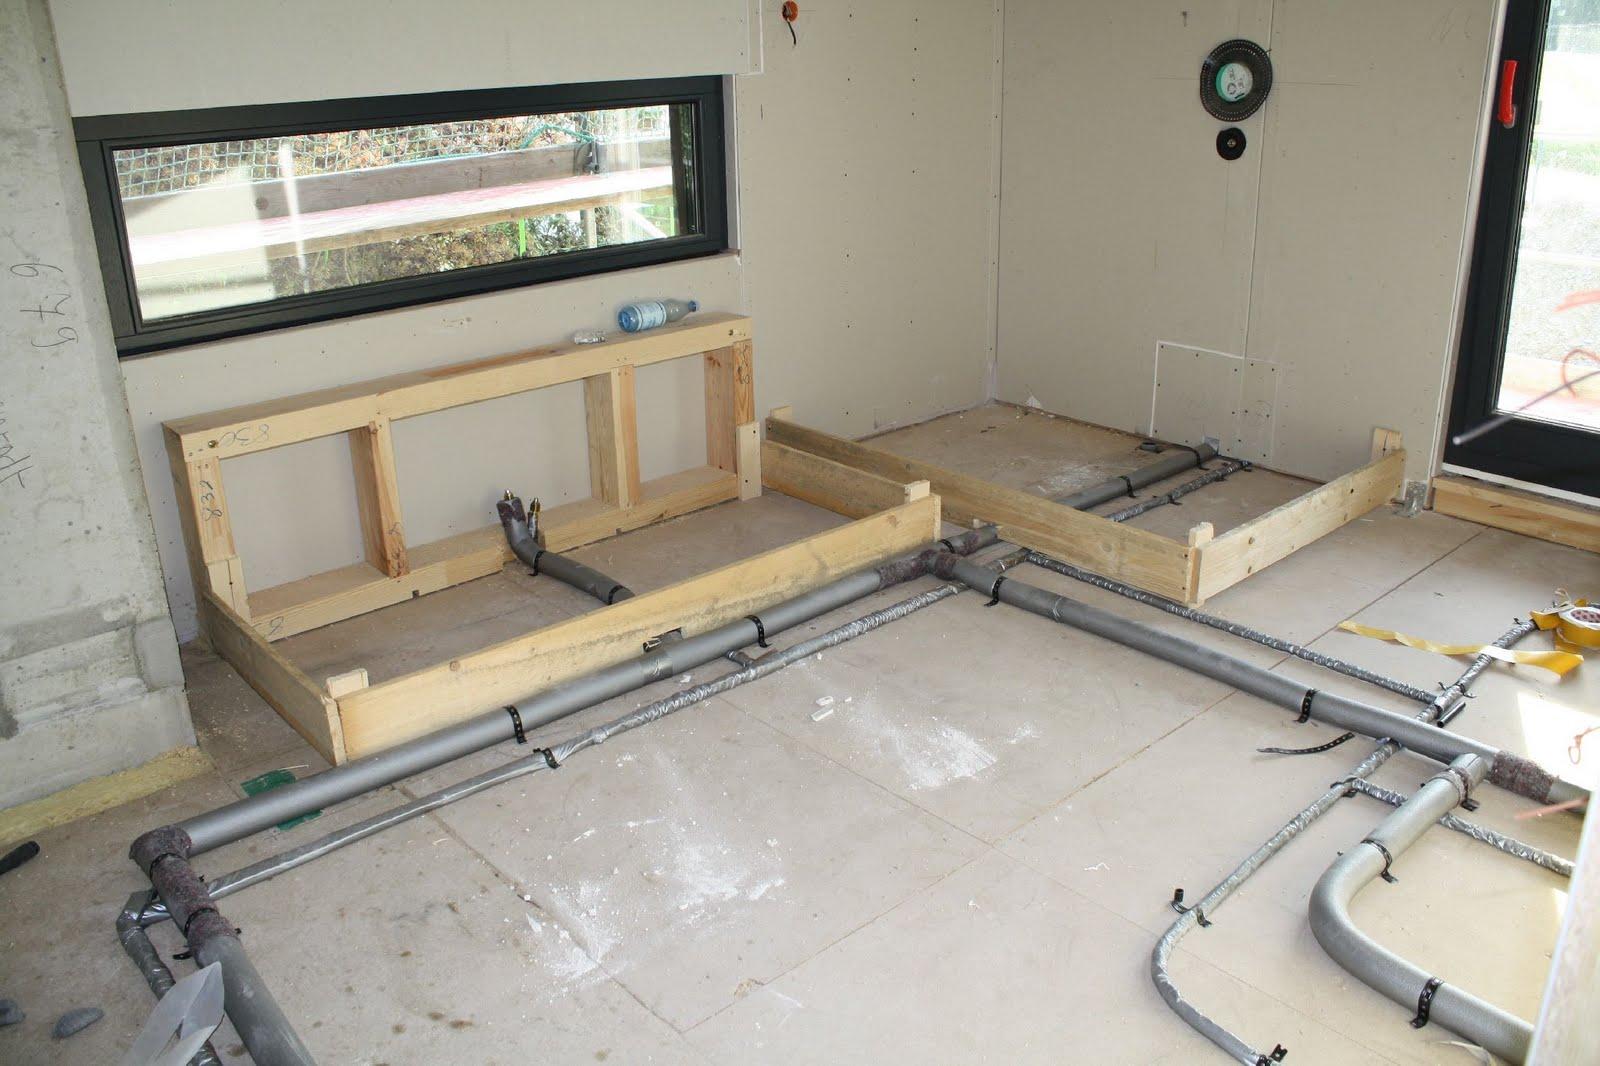 appe s hausbautagebuch wasser und abwasser installation. Black Bedroom Furniture Sets. Home Design Ideas